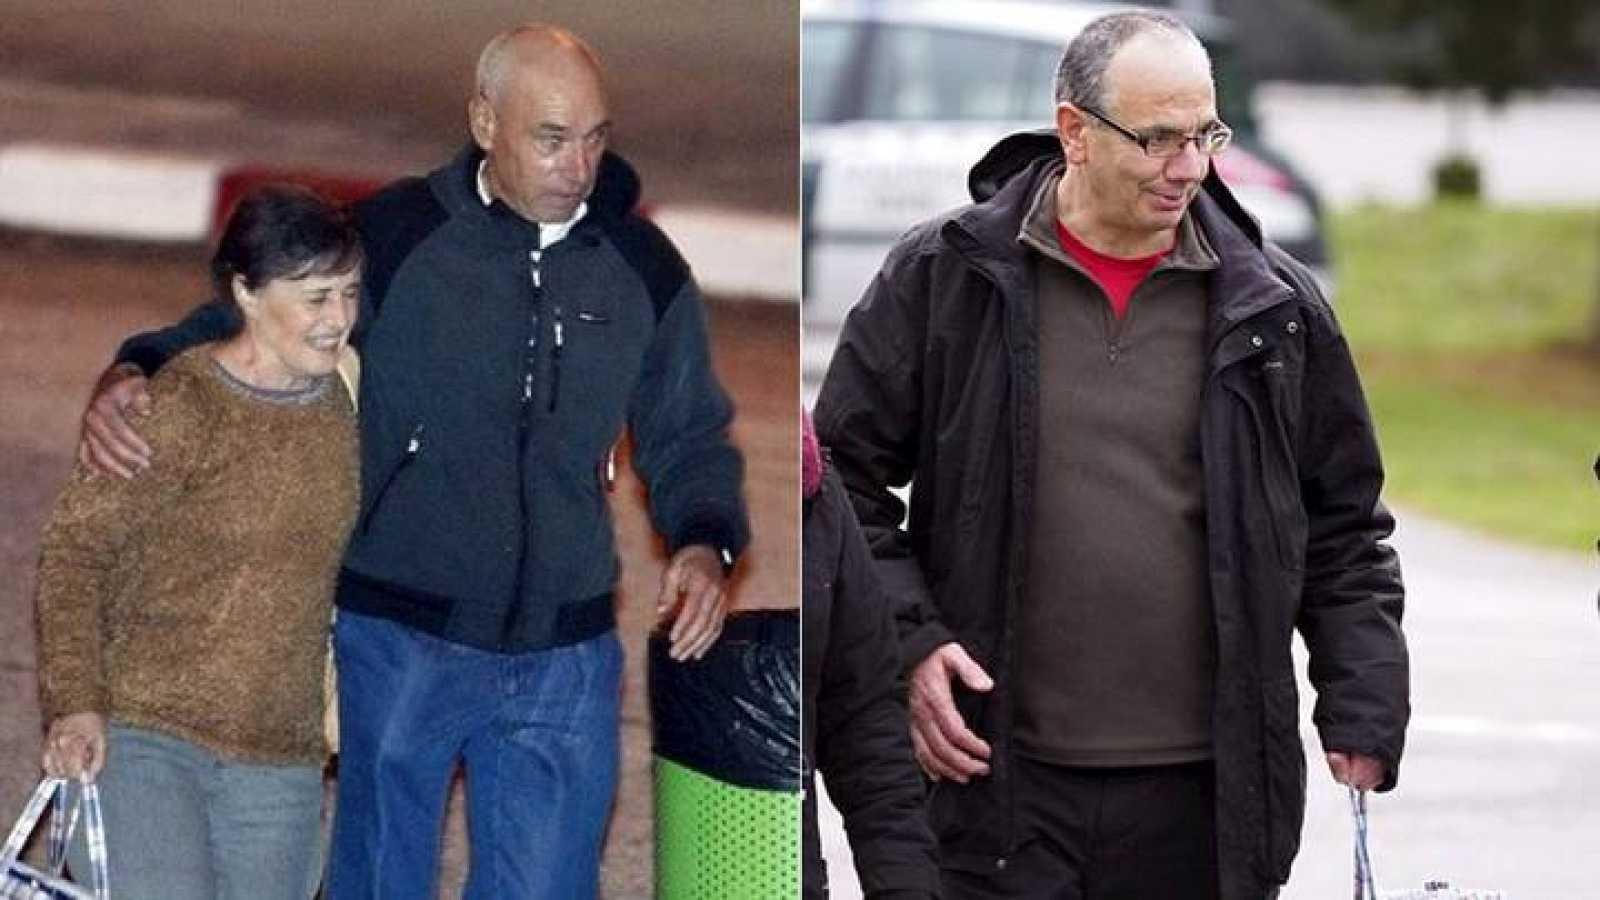 Los presos etarras 'Santi Potros' y Alberto Plazaola, excarcelados el, pasado 4 de diciembre.